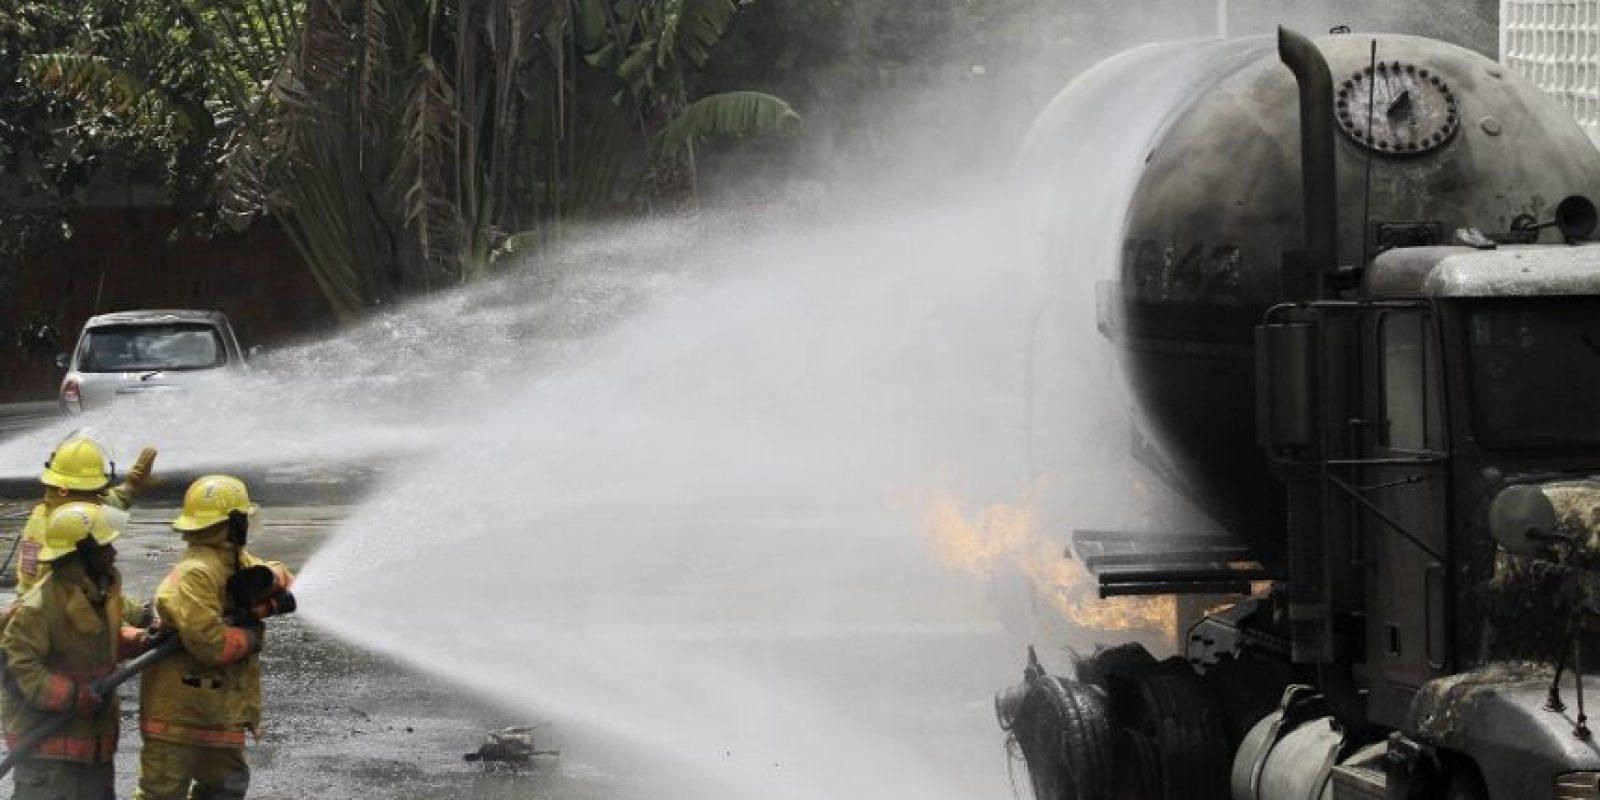 Ocho camiones y bomberos acudieron al lugar del hecho para combatir las llamas. Foto:Roberto Guzmán